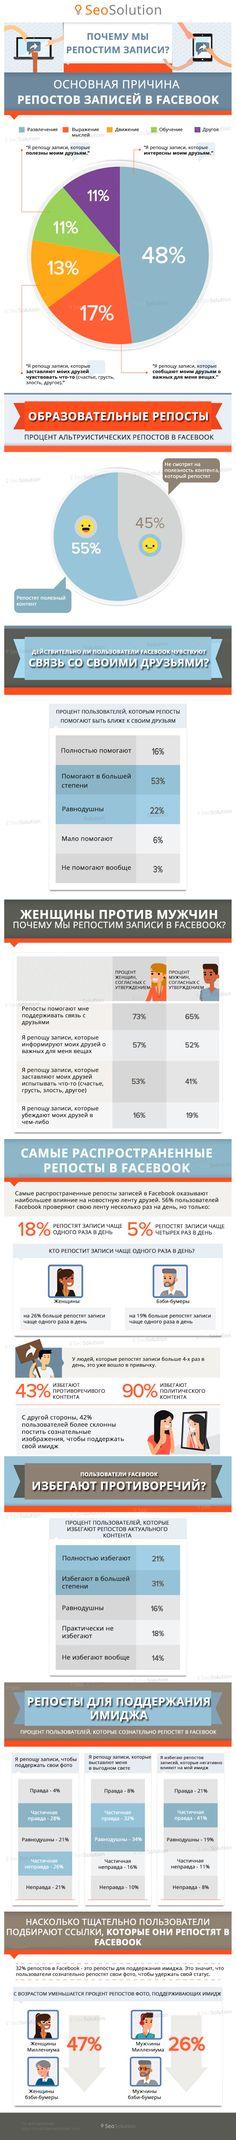 Почему люди репостят записи в Facebook? https://seosolution.com.ru/blog/infographics/the-motivation-for-sharing-infographics.html #SeoSolution #seo #smm #blog #marketing #web #it #kharkov #сео #смм #продвижение #бизнес #реклама #сайт #харьков #оптимизация